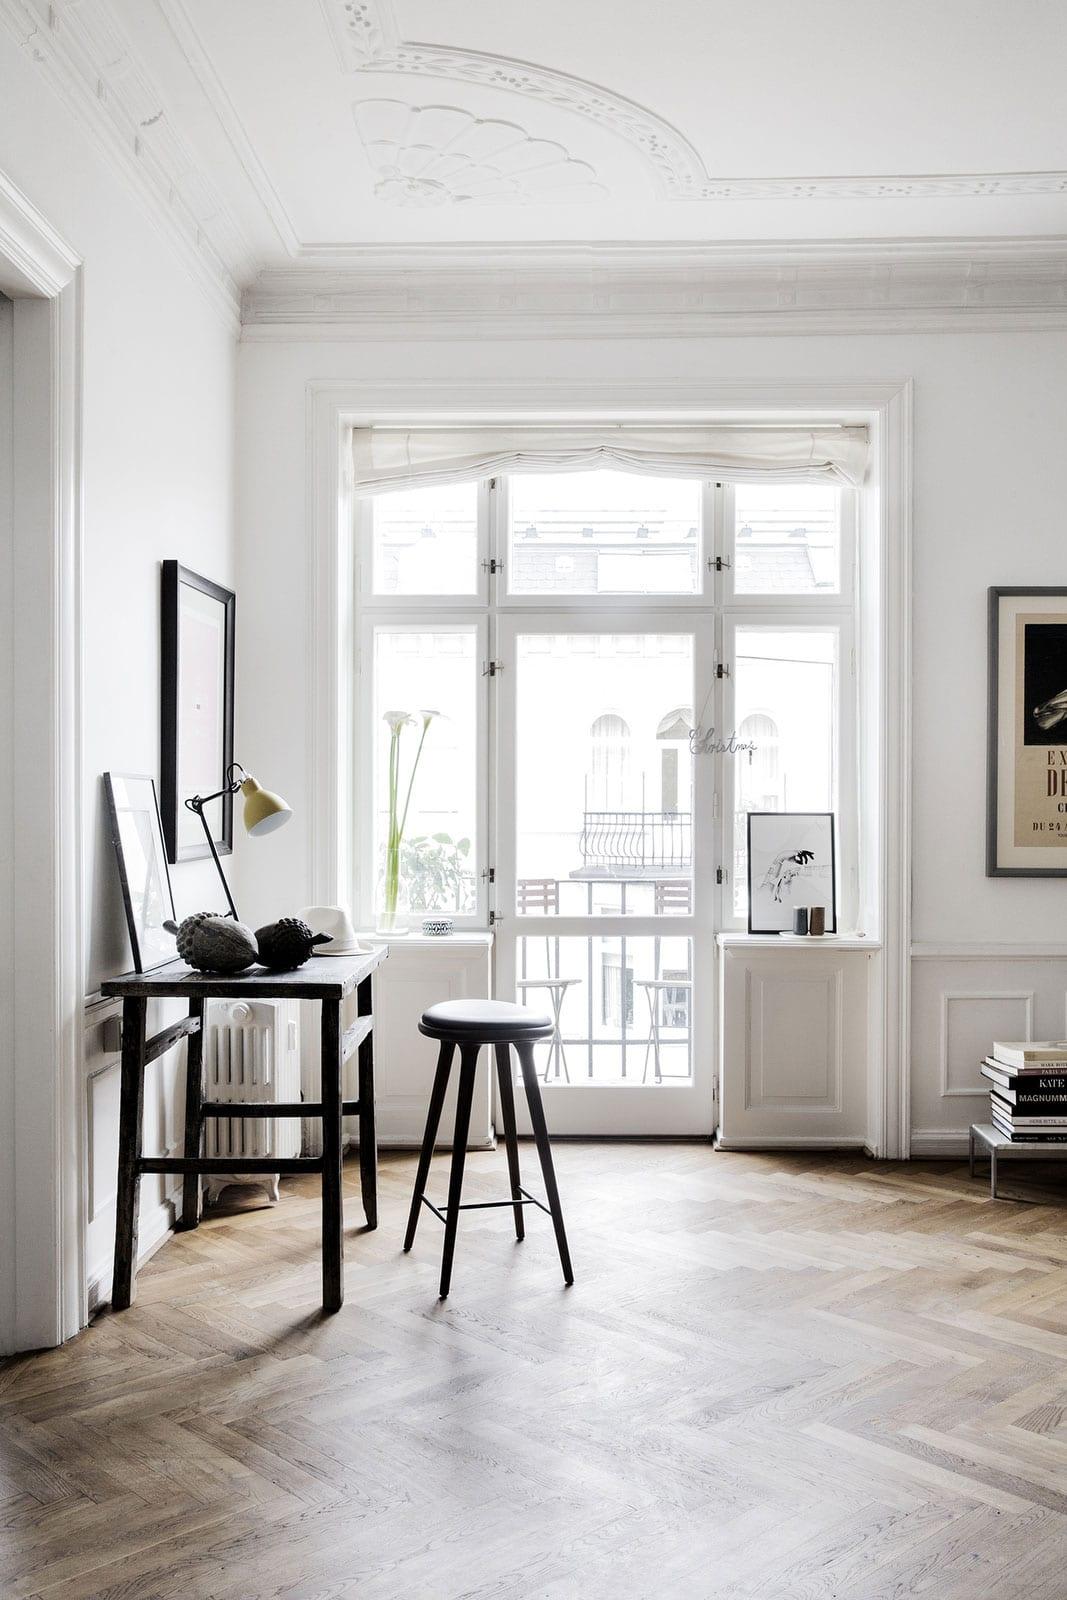 Ivona Bruun's Apartment by Line Thit Klein for Elle Decoration Denmark